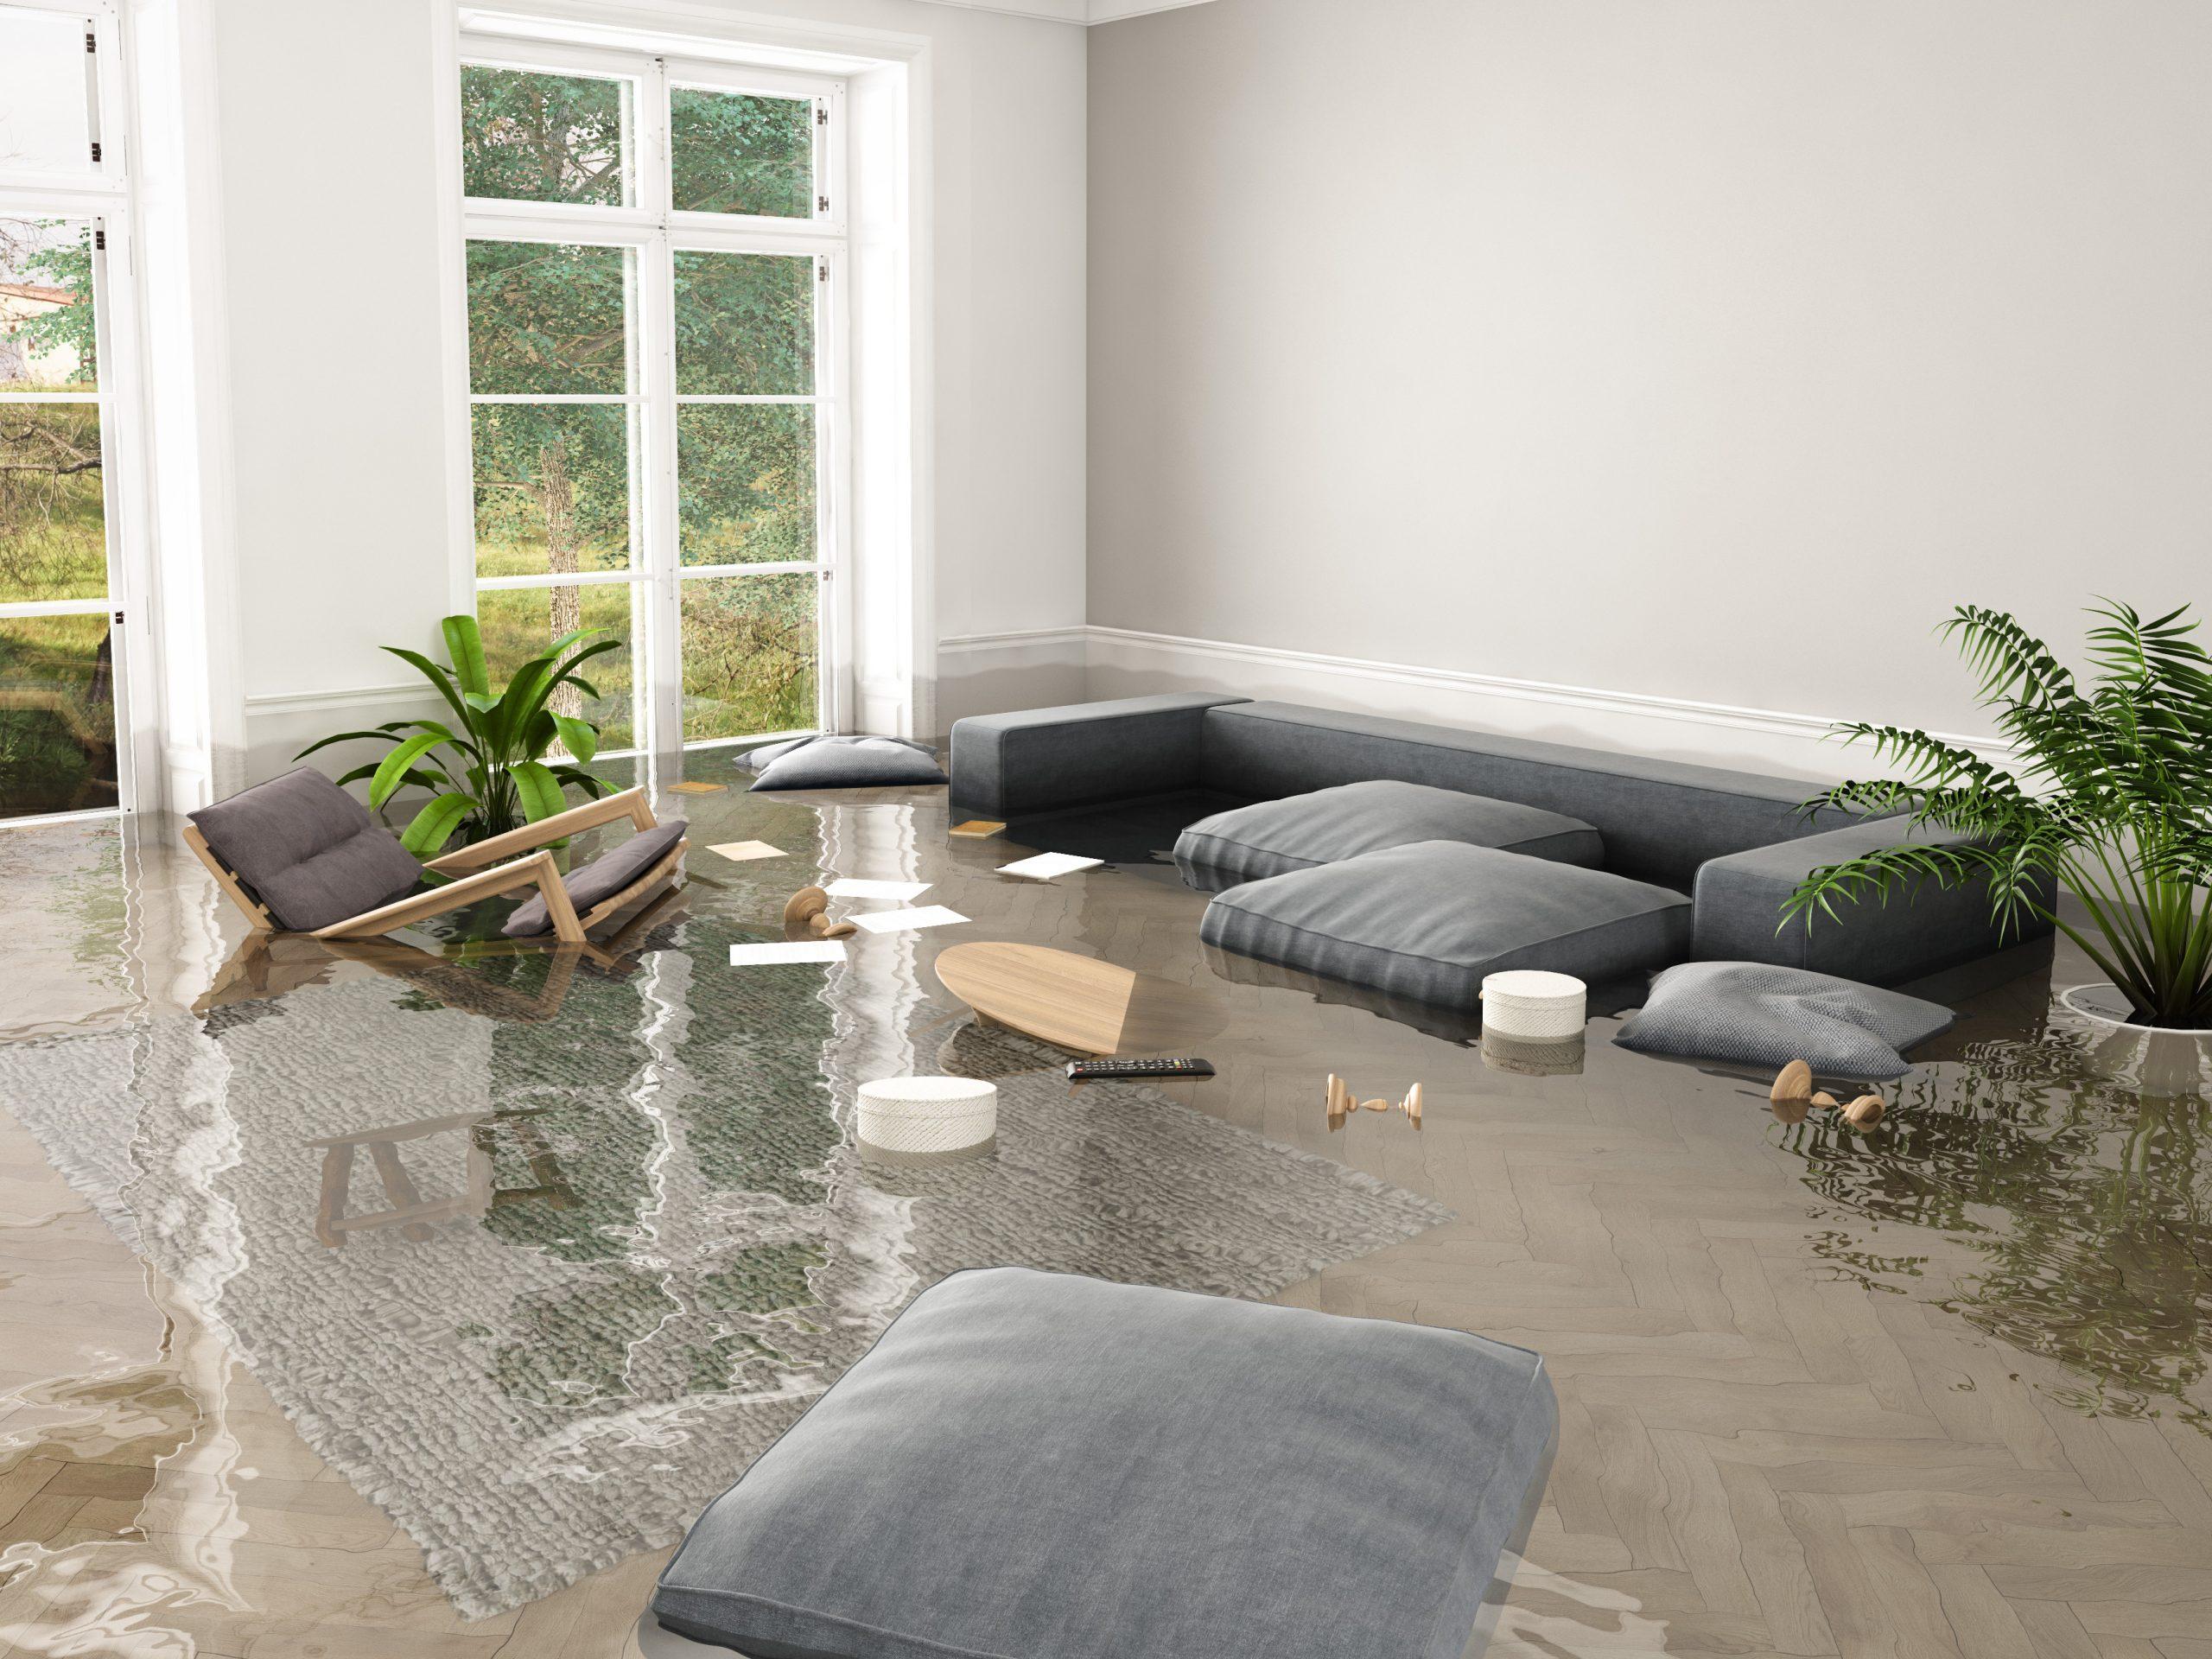 שיקום נזקי מים וטיפול בהצפות ונזקים